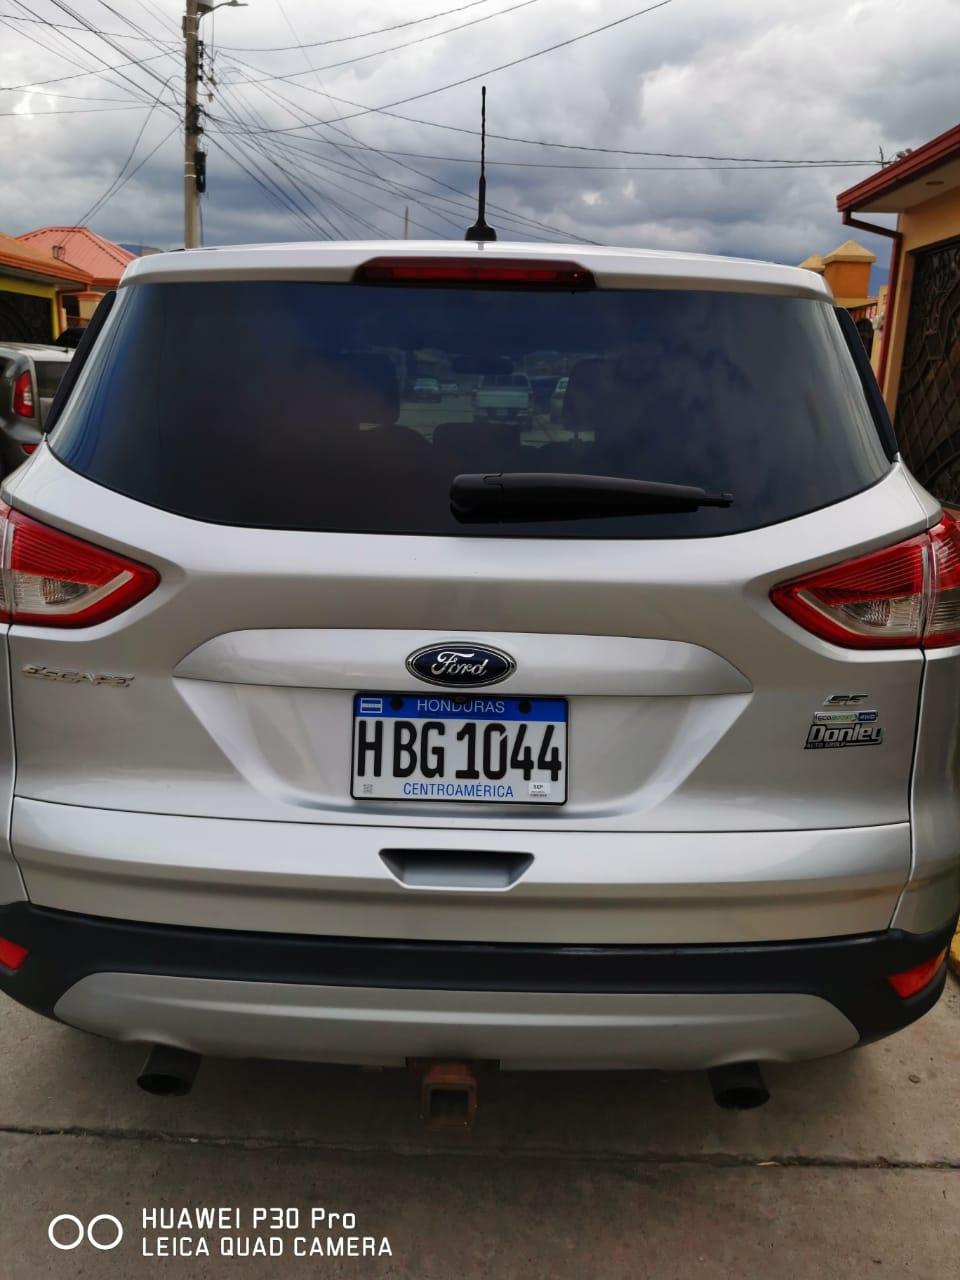 2015 Ford Escape 4 4 220 000 00 Lempiras En San Pedro Sula Florida Multicar